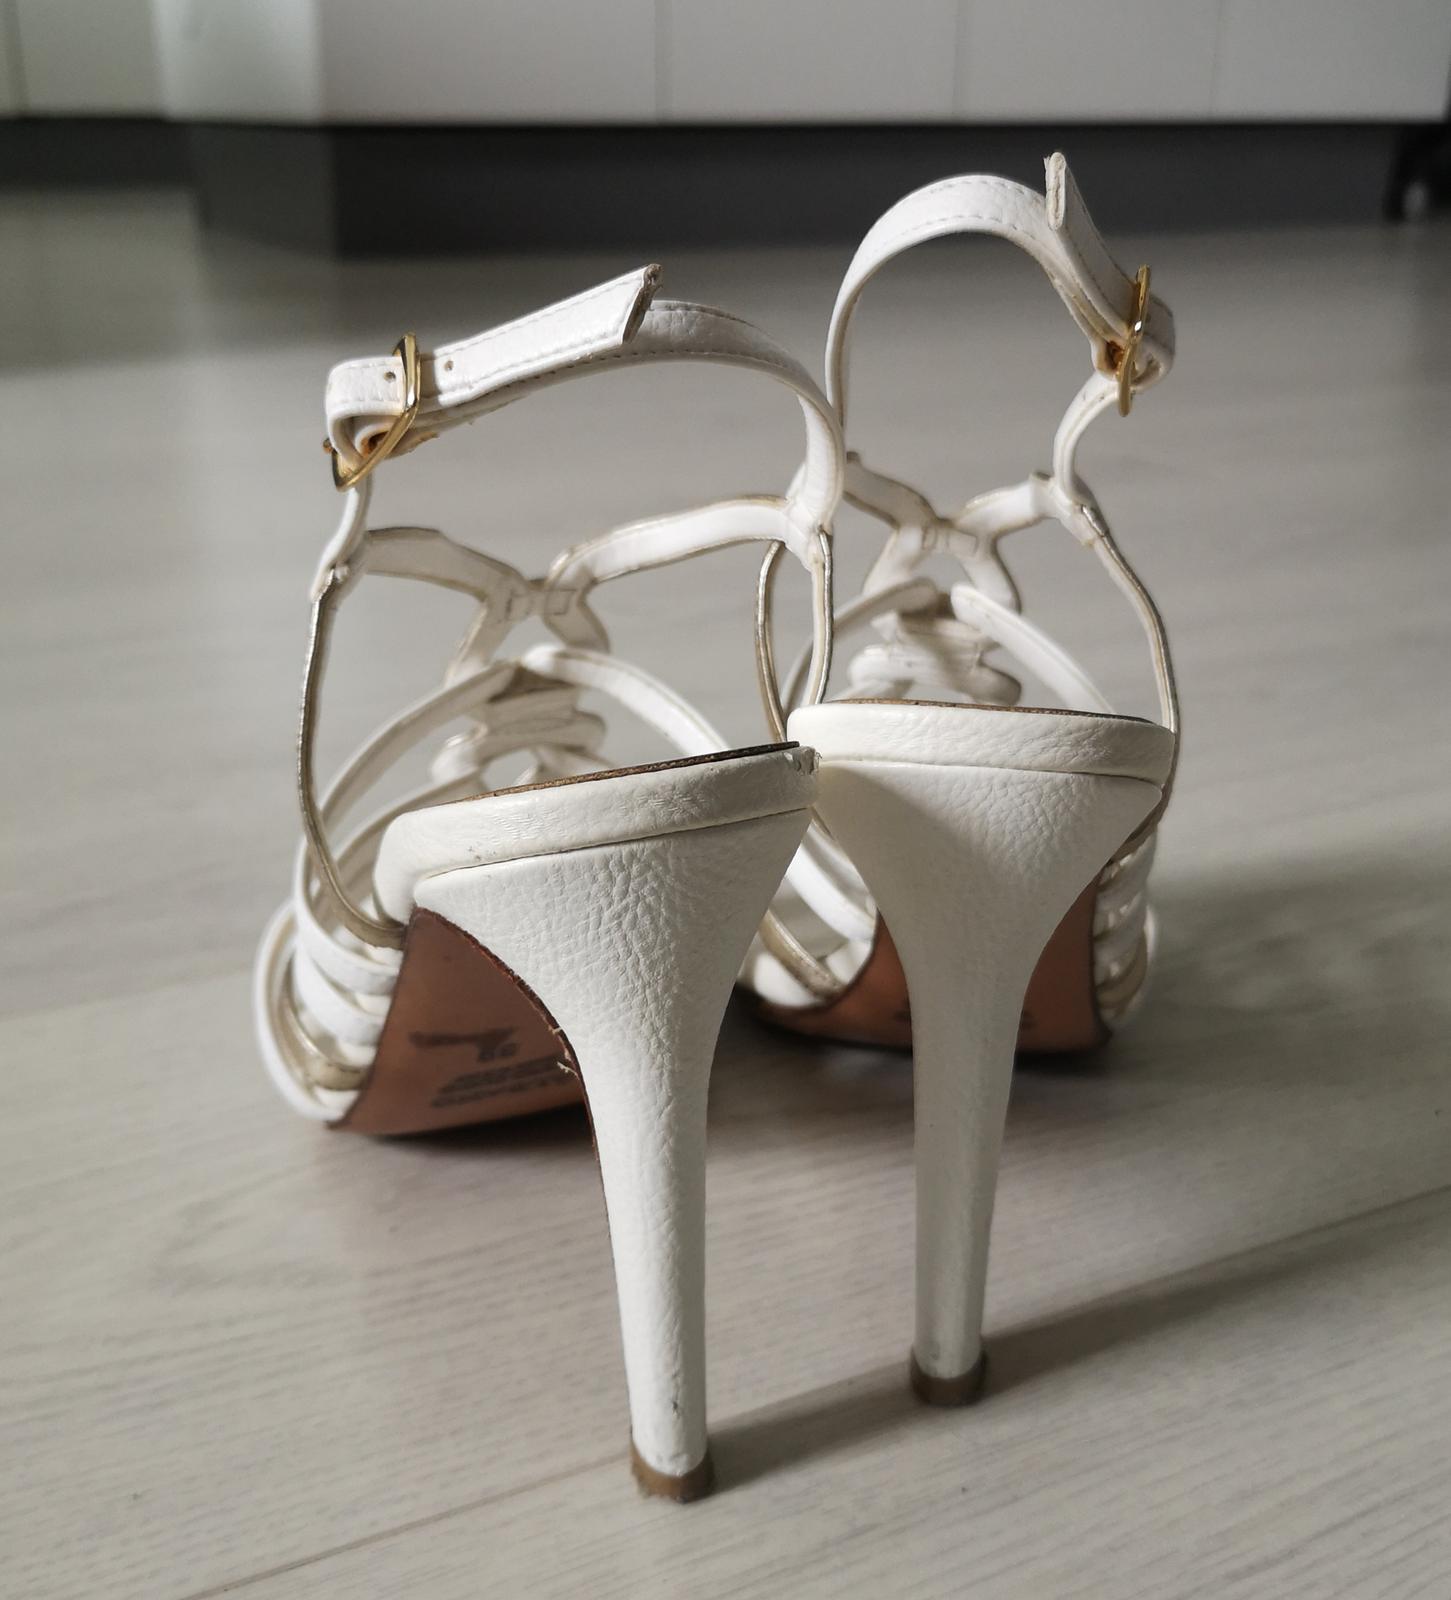 Svadobne sandale - Obrázok č. 2